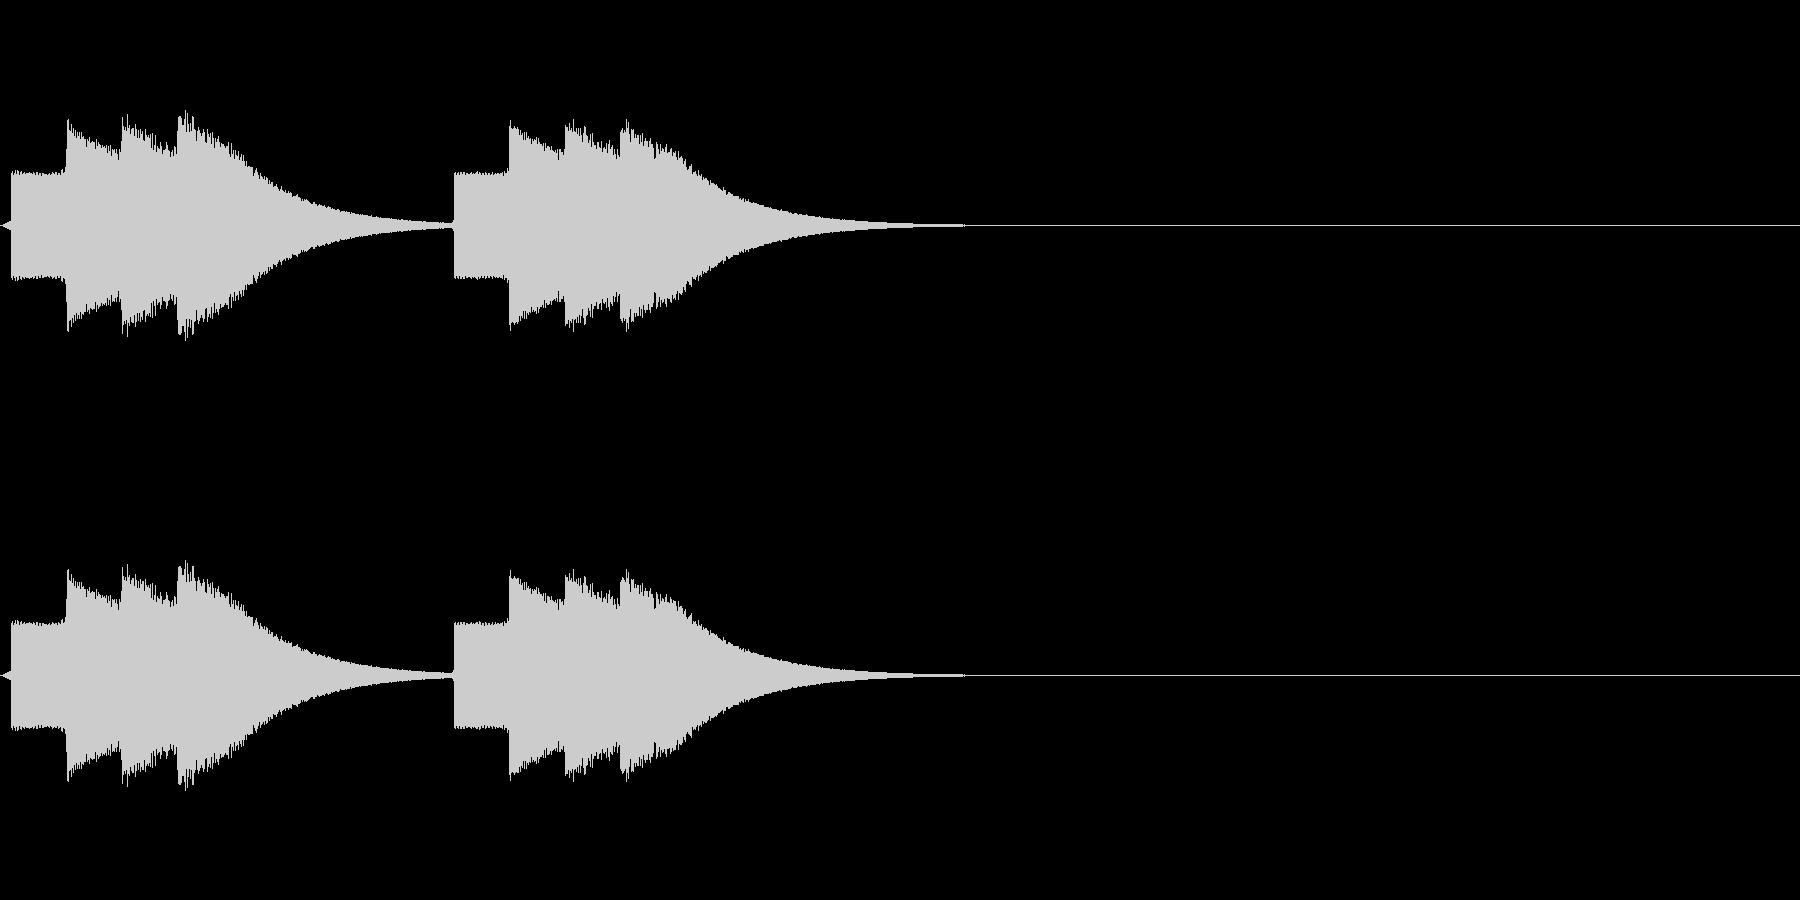 速報テロップ風の音(ティロリロン)の未再生の波形